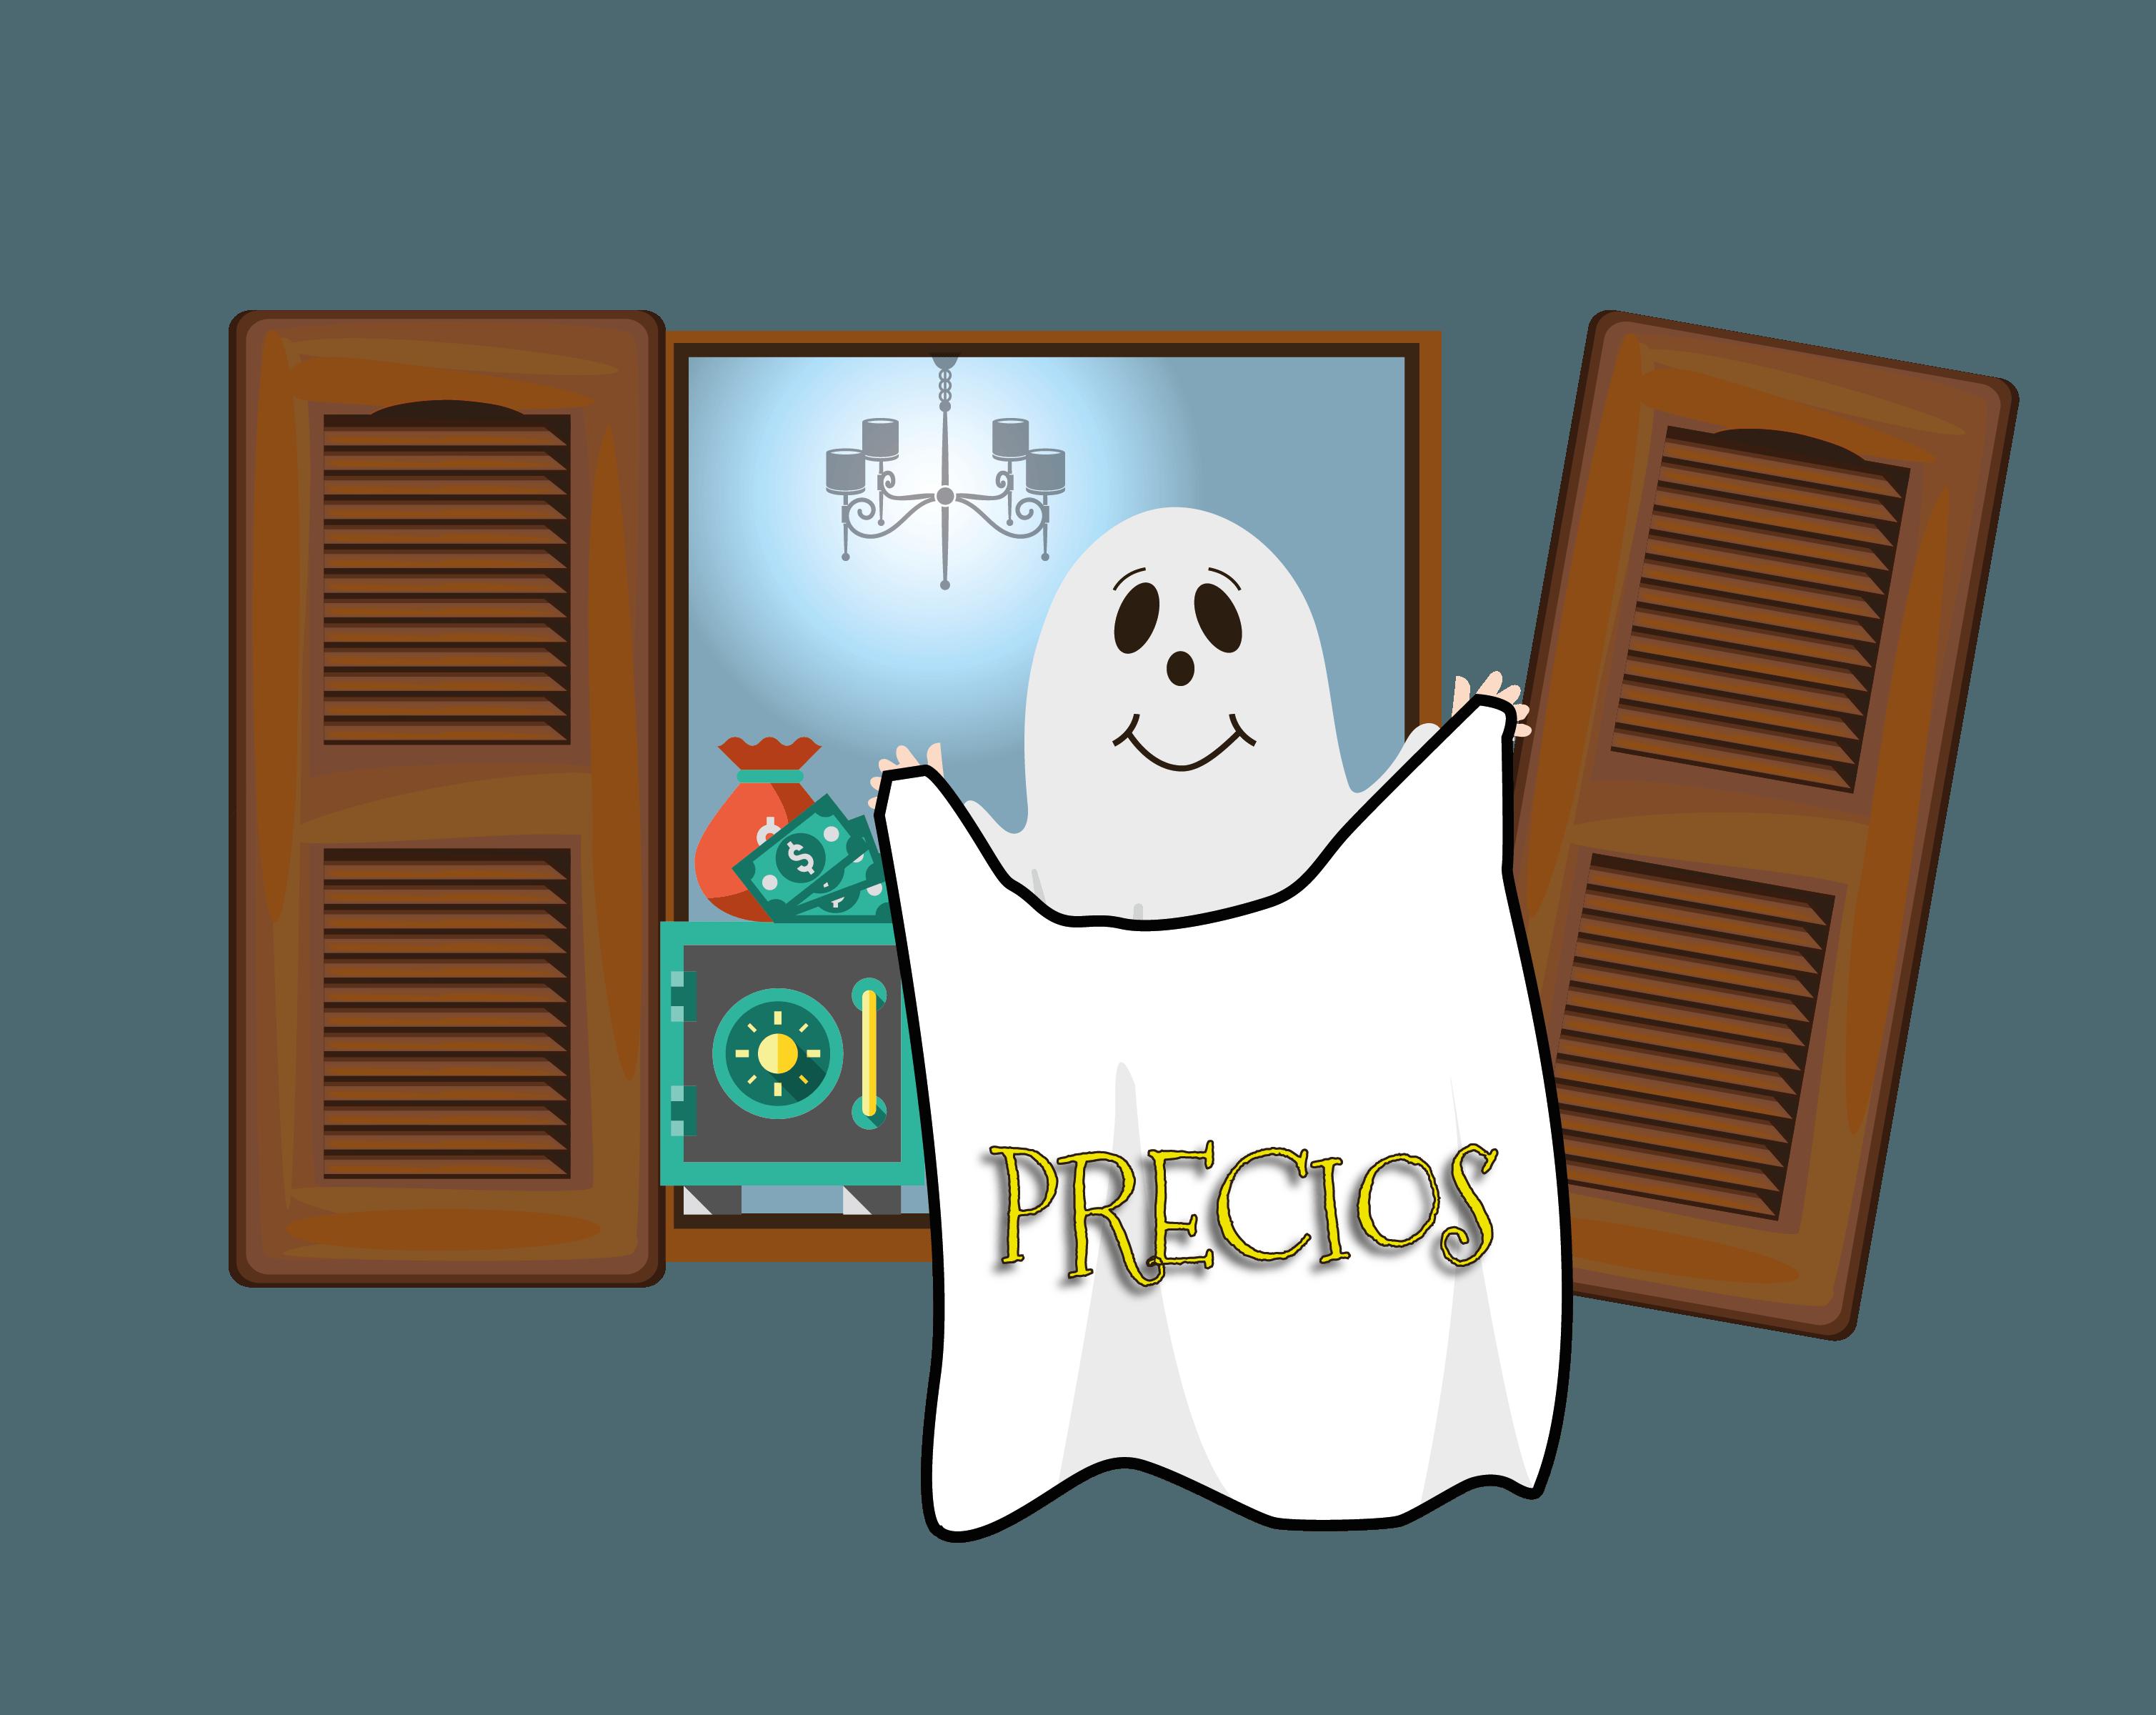 precios la casa del fantasma